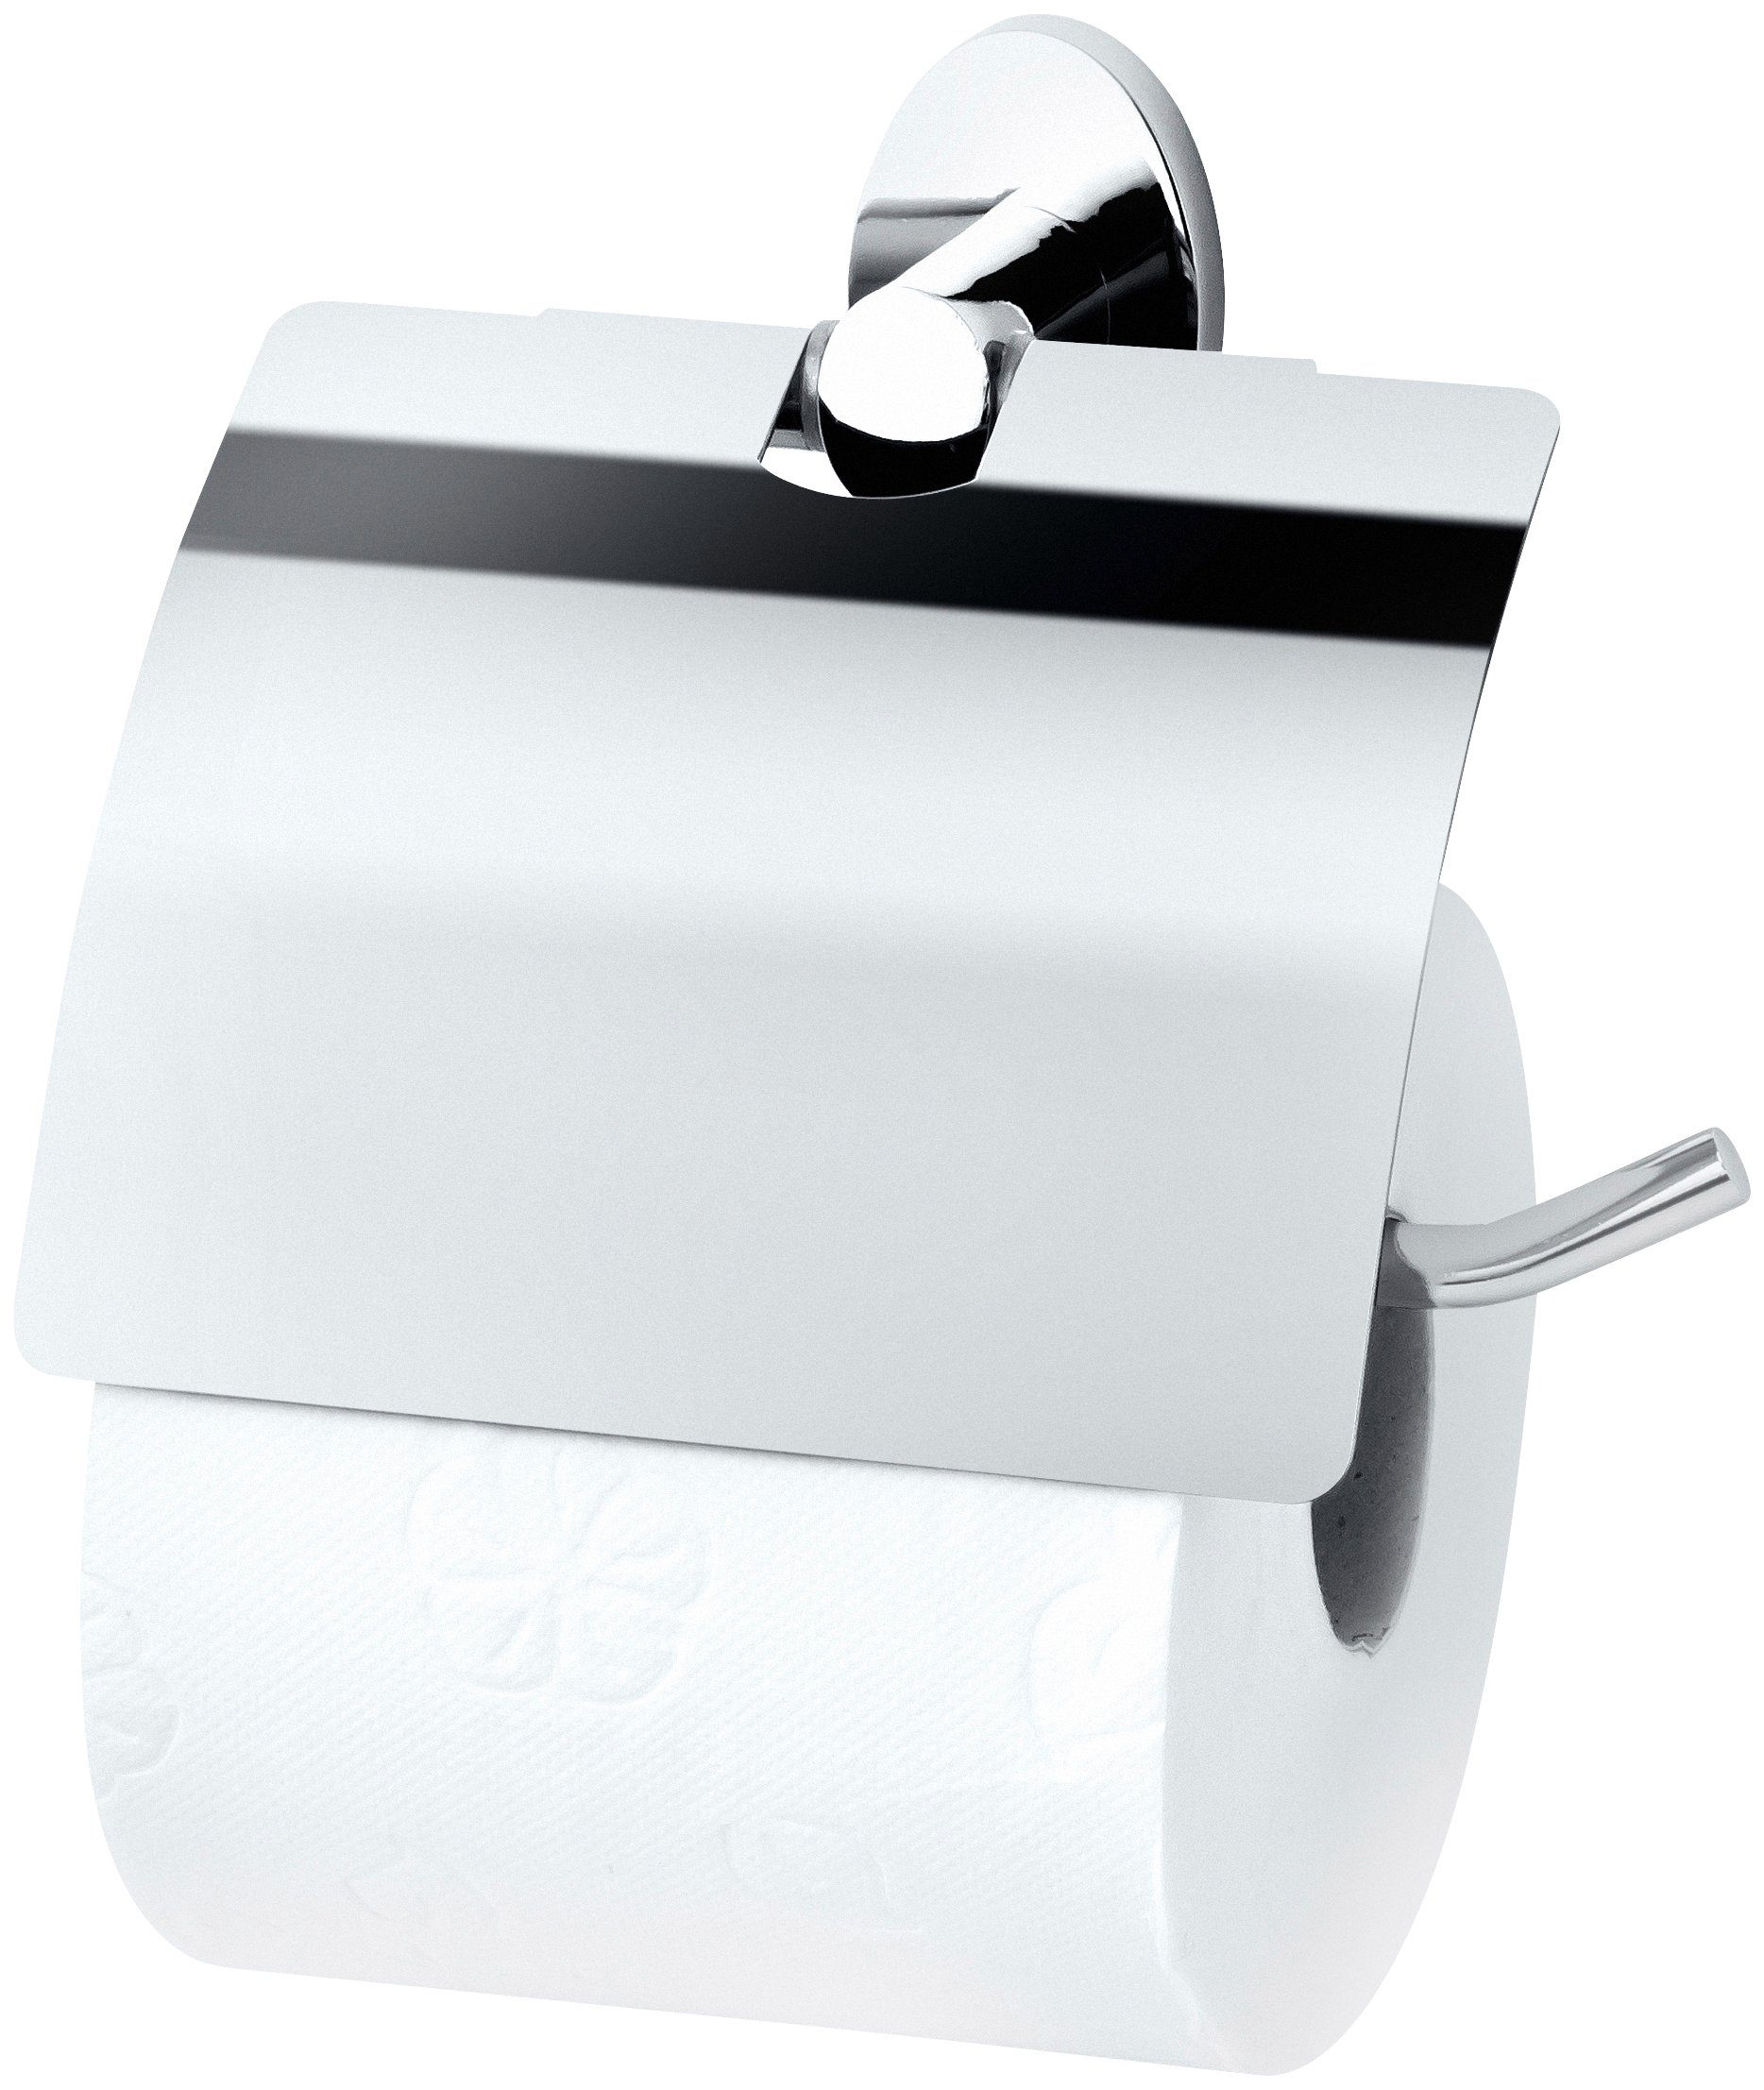 Fackelmann Toilettenpapierhalter »TARIS«